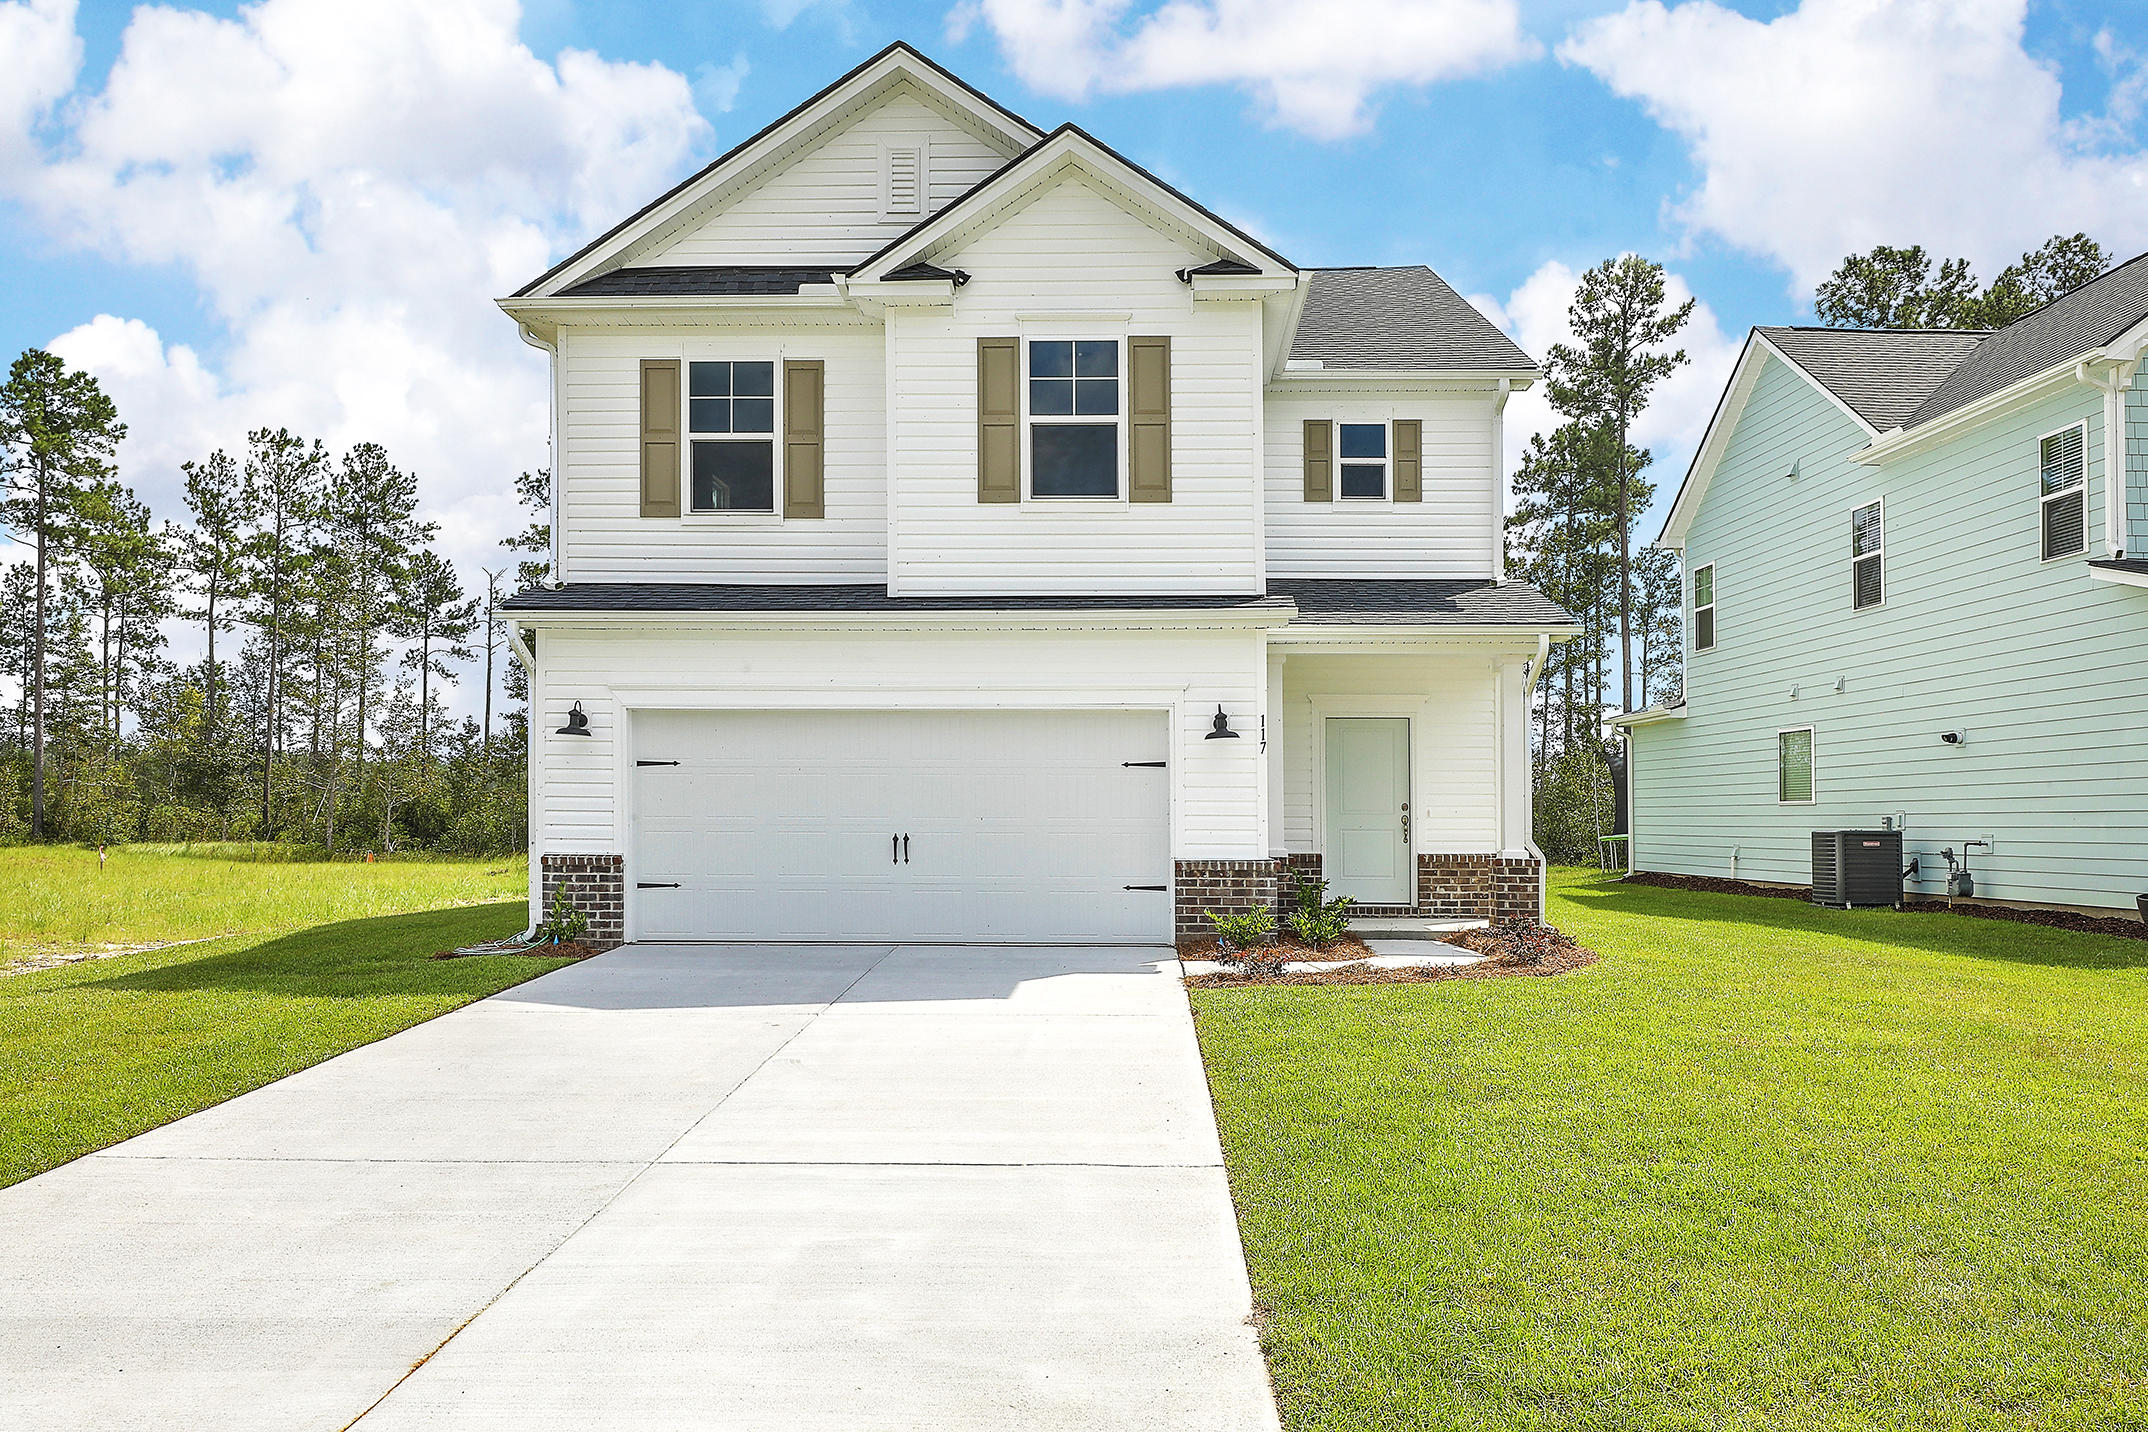 Cane Bay Plantation Homes For Sale - 117 Cotesworth, Summerville, SC - 14